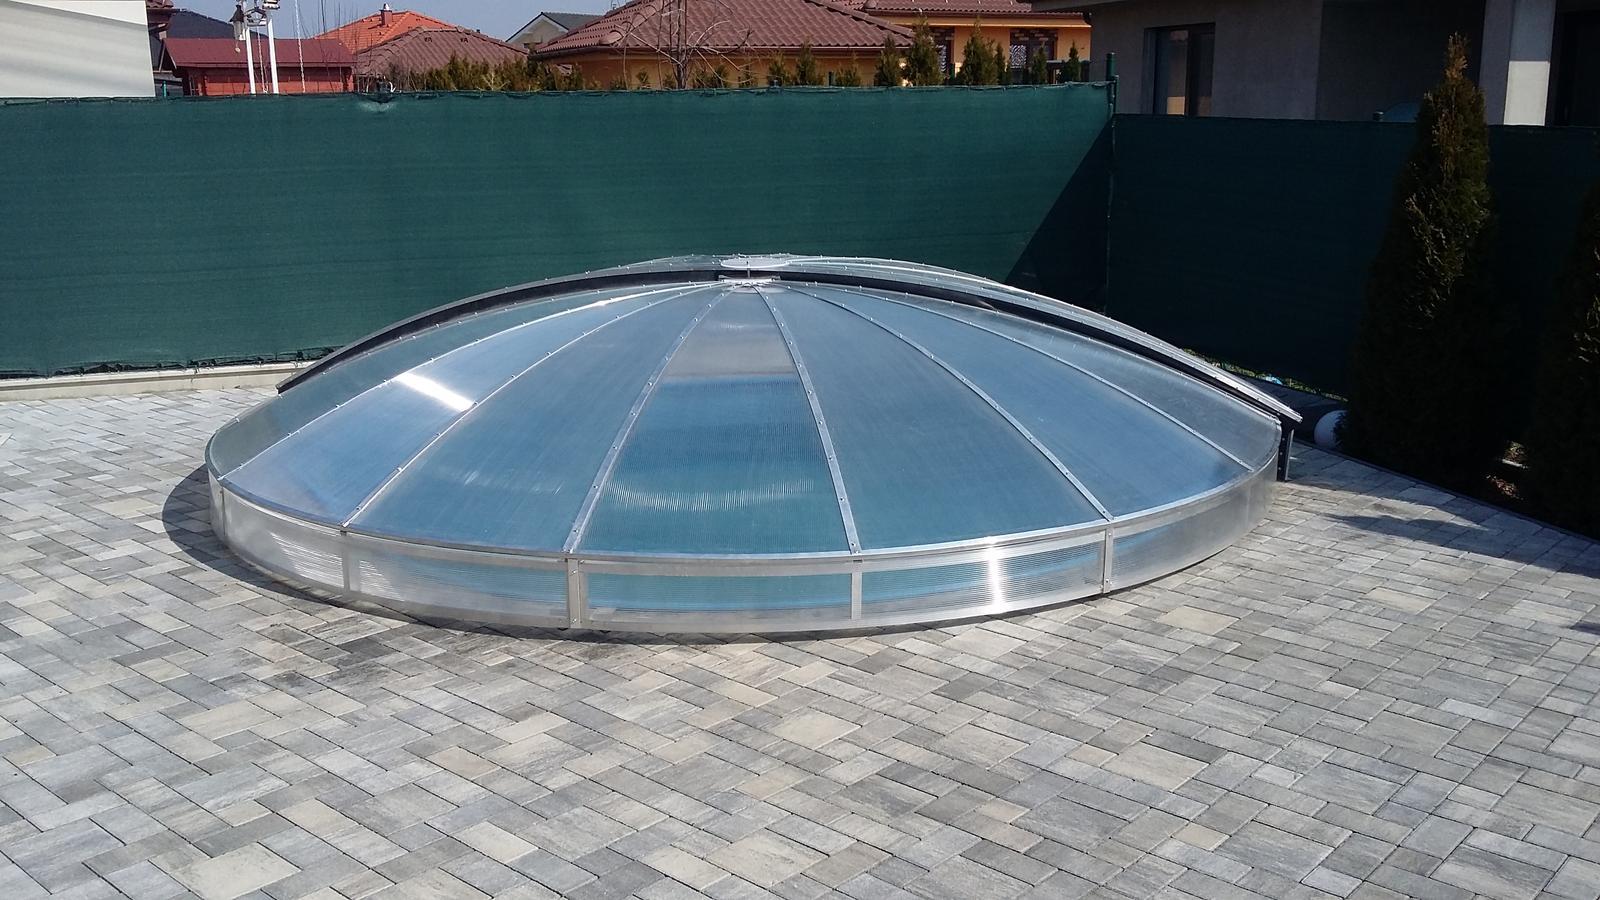 Prekrytie kruhového bazéna - Obrázok č. 2